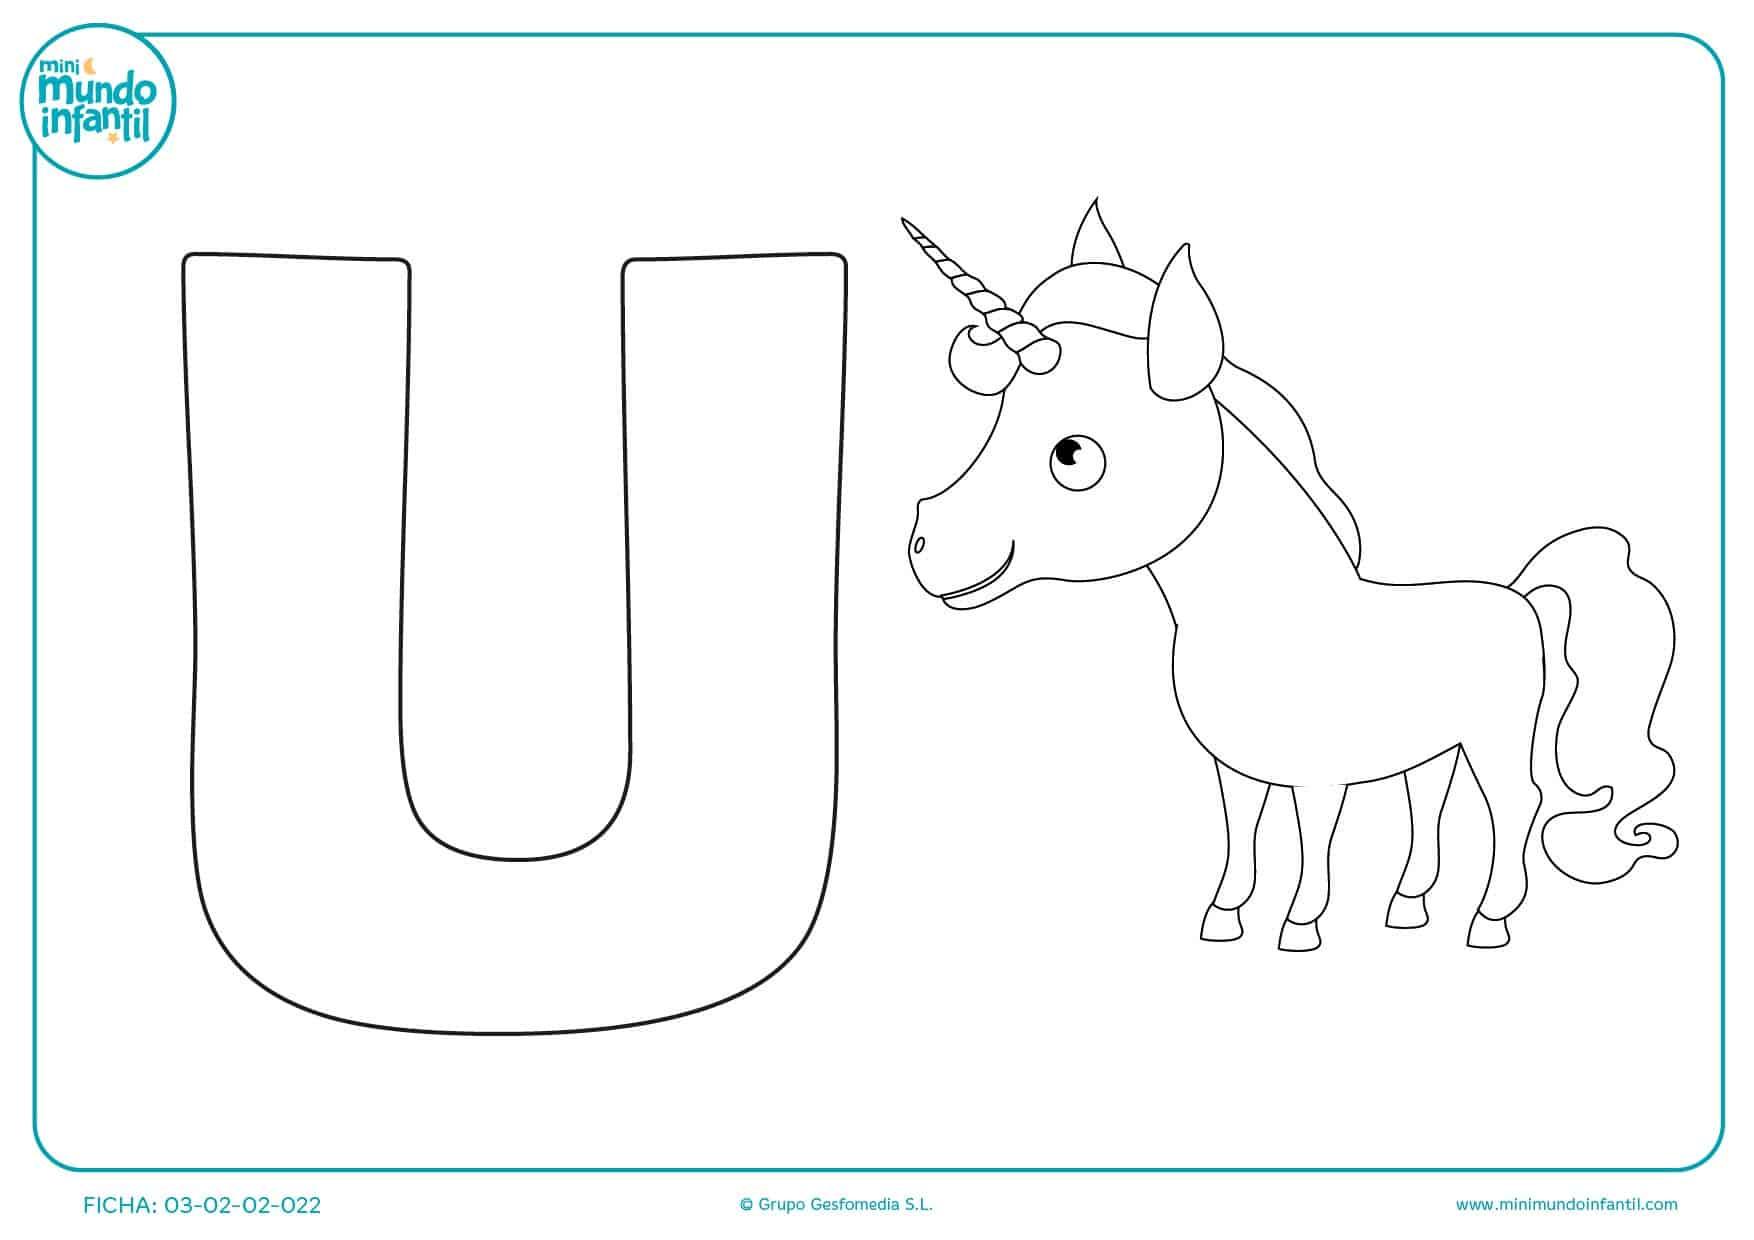 Unicornio empieza por U y así puedes repasar esta letra de infantil